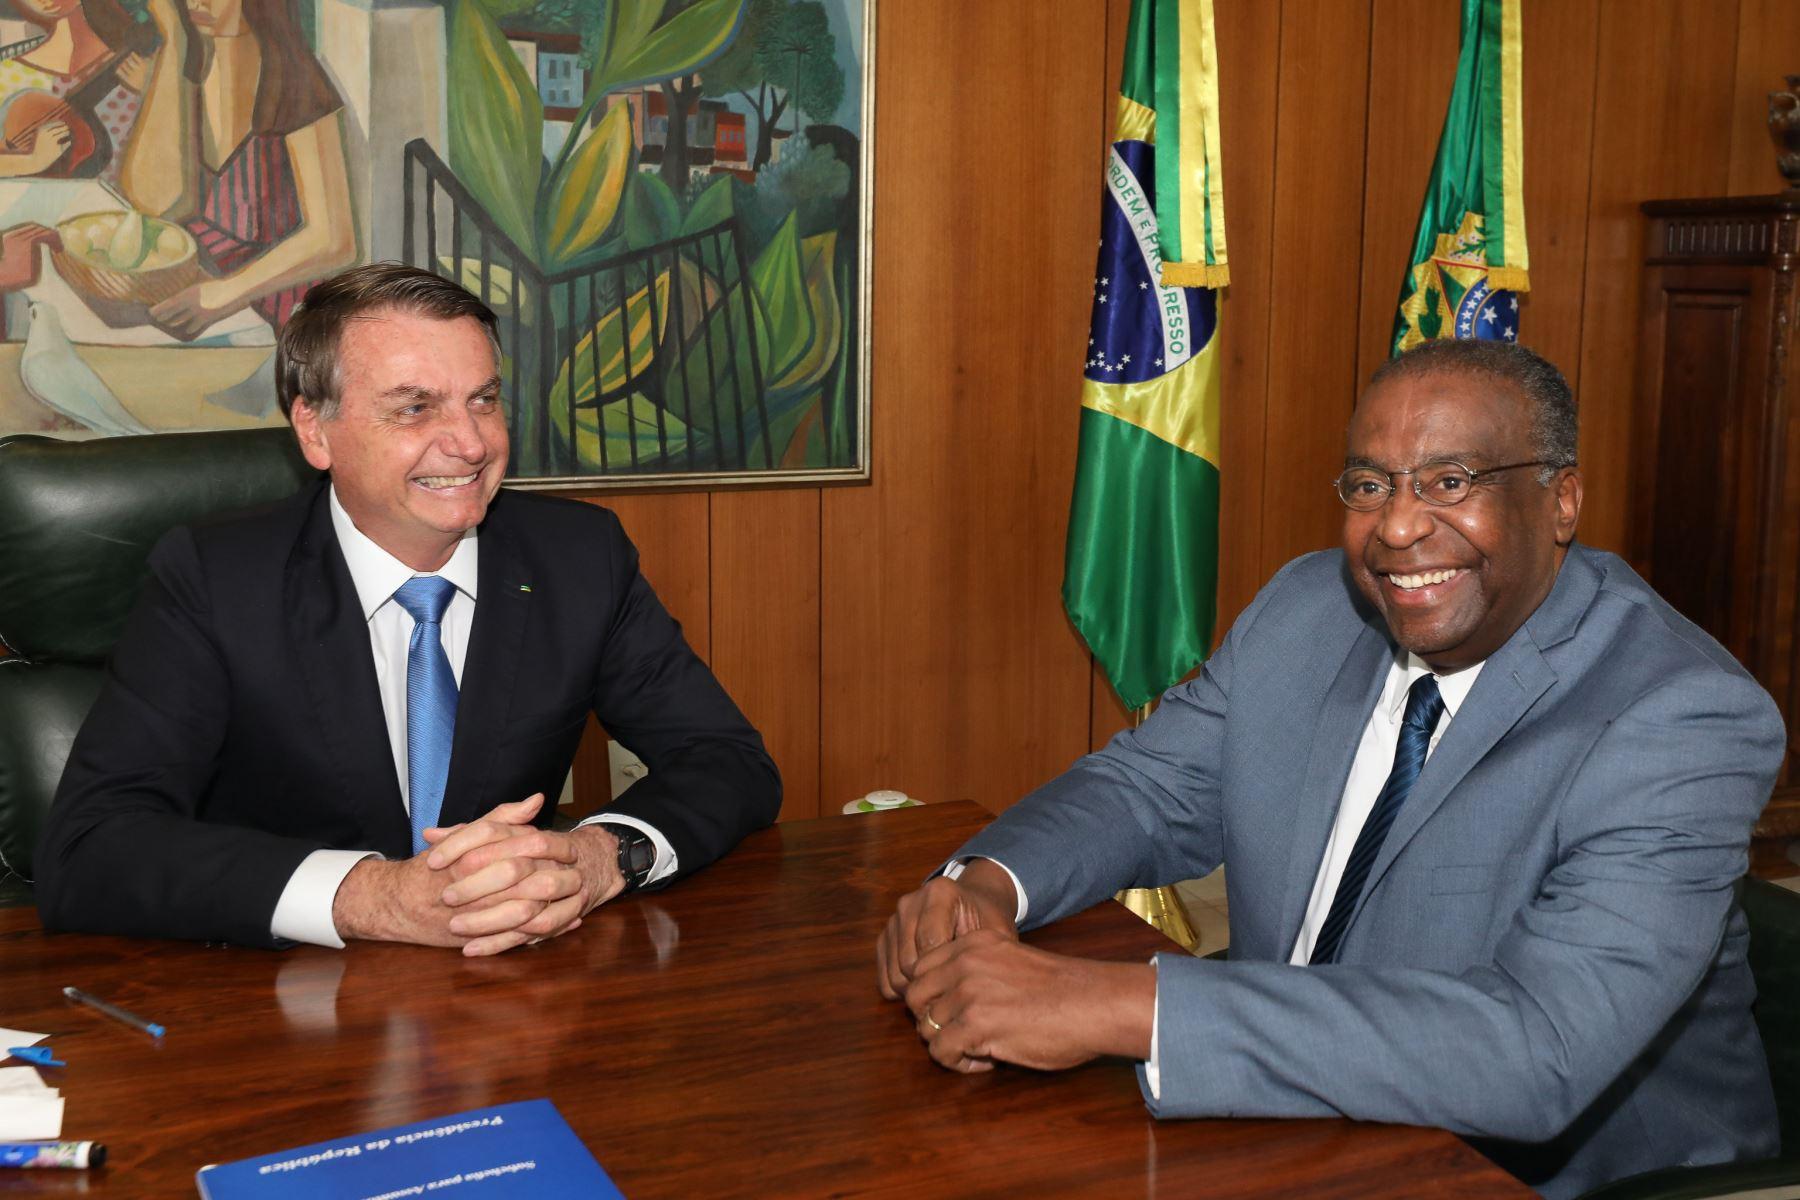 Decotelli entregó su carta de renuncia al mandatario ultraderechista en el Palacio de Planalto, solo cinco días después de haber sido nombrado. Foto: AFP